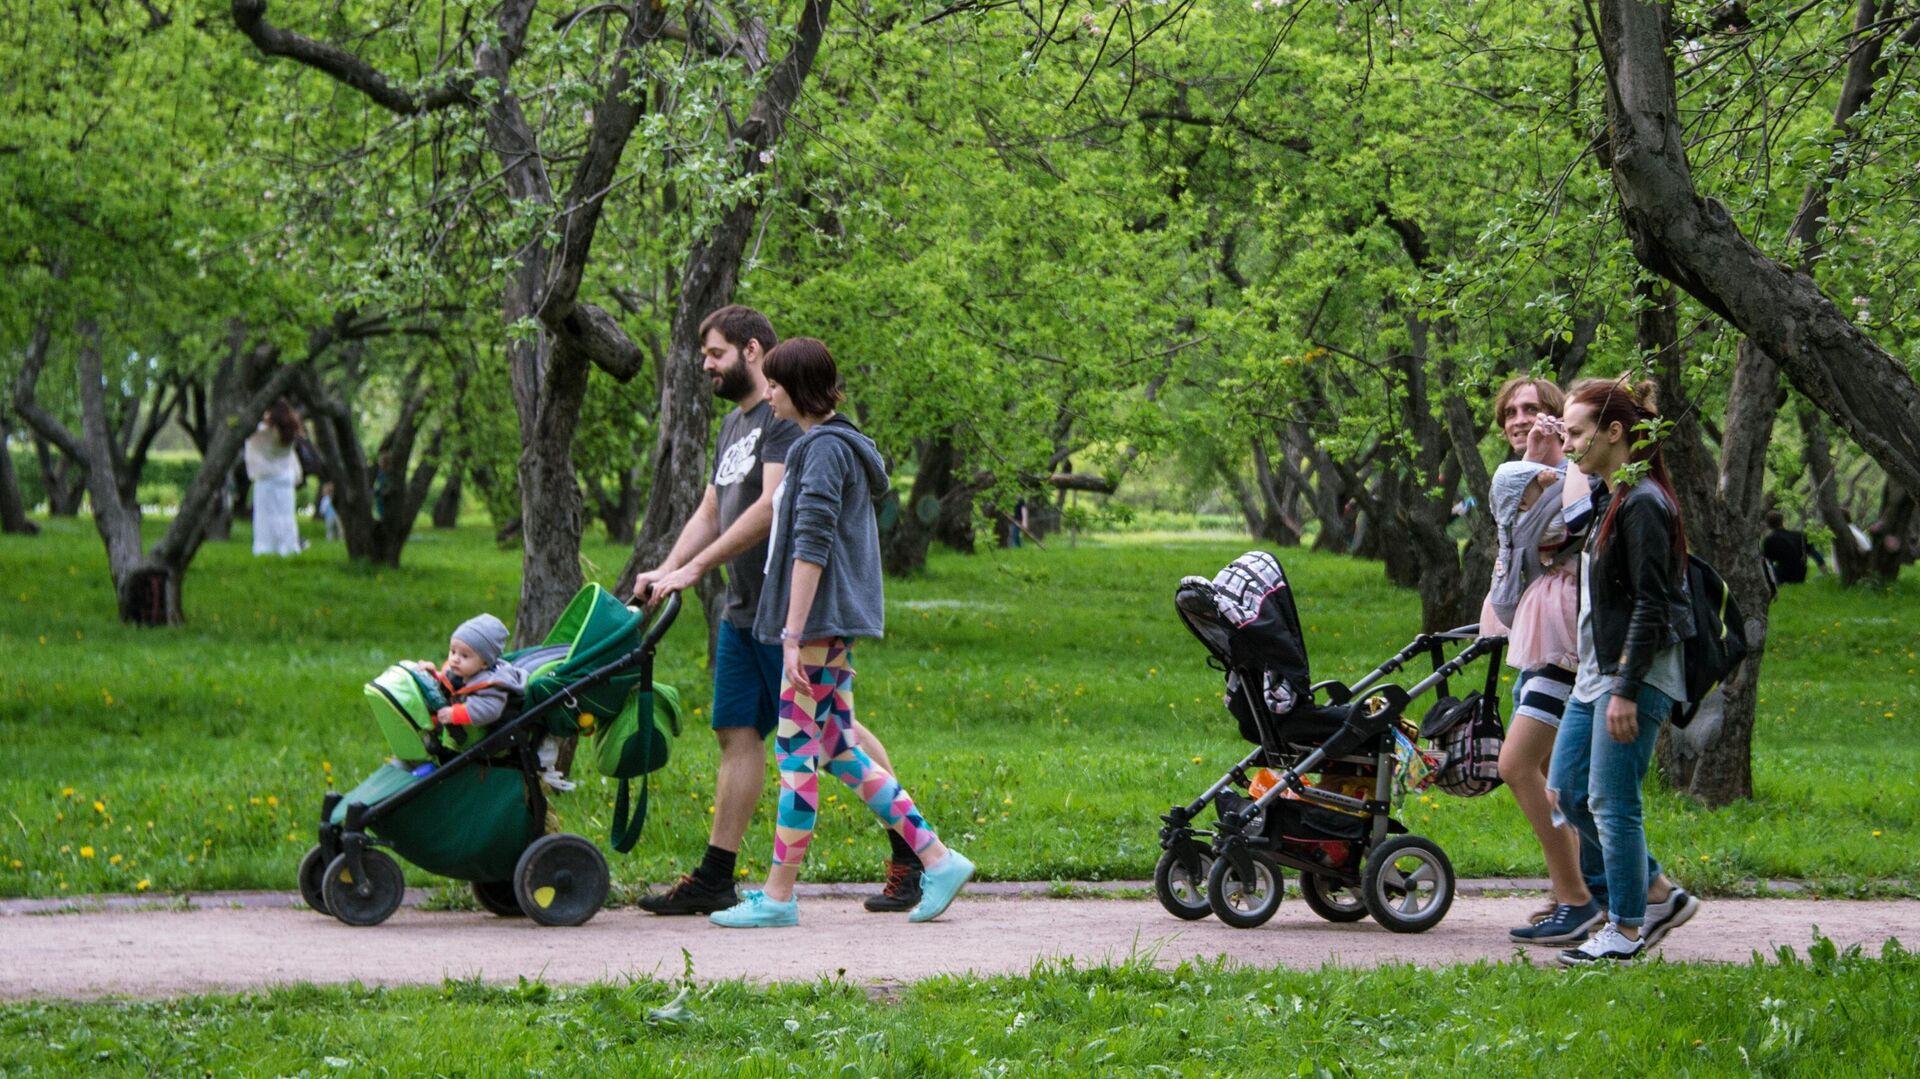 Горожане отдыхают в яблоневом саду в московском музее-заповеднике Коломенское - РИА Новости, 1920, 17.05.2021